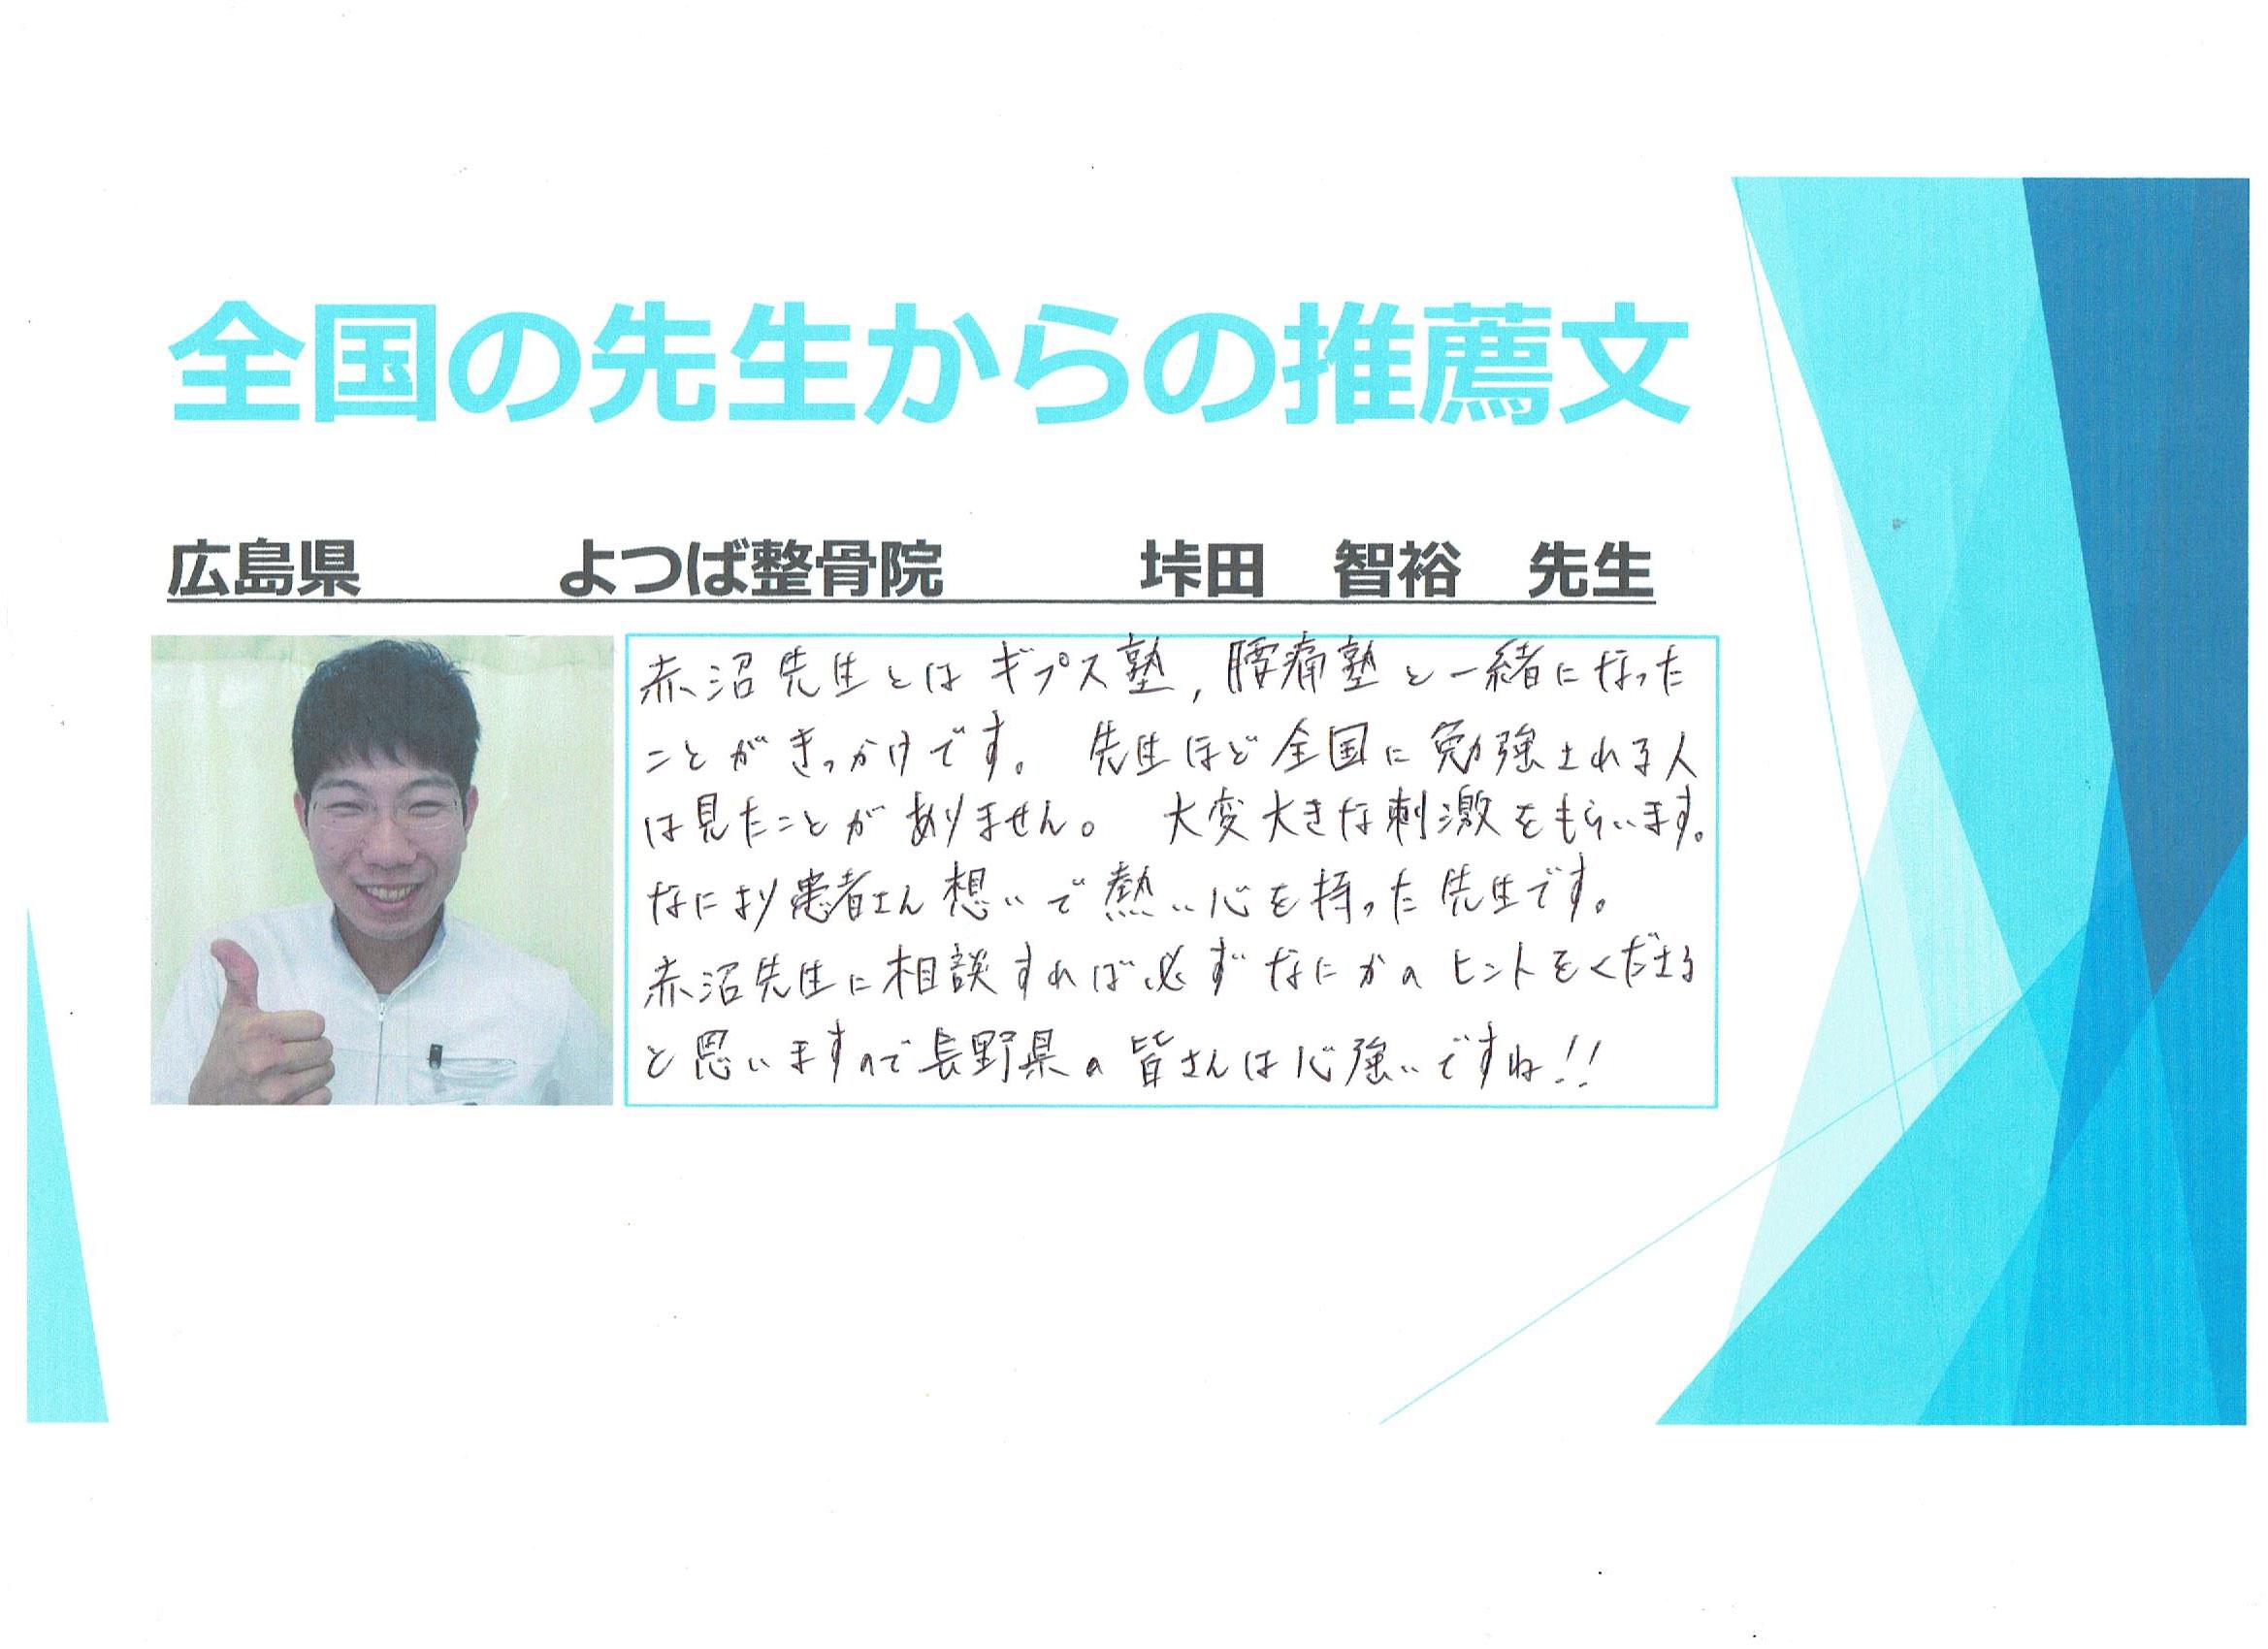 広島県 よつば整骨院 垰田智裕 先生